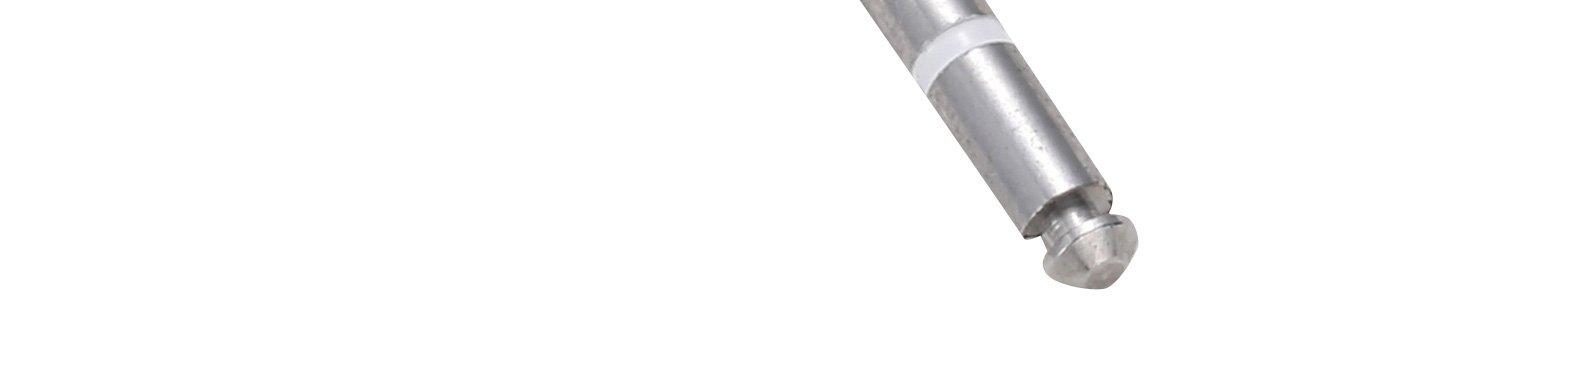 Retreament Rotary Files Niklowo tytanowy D1 pojedynczy rozmiar do usuwania materiałów wypełniających